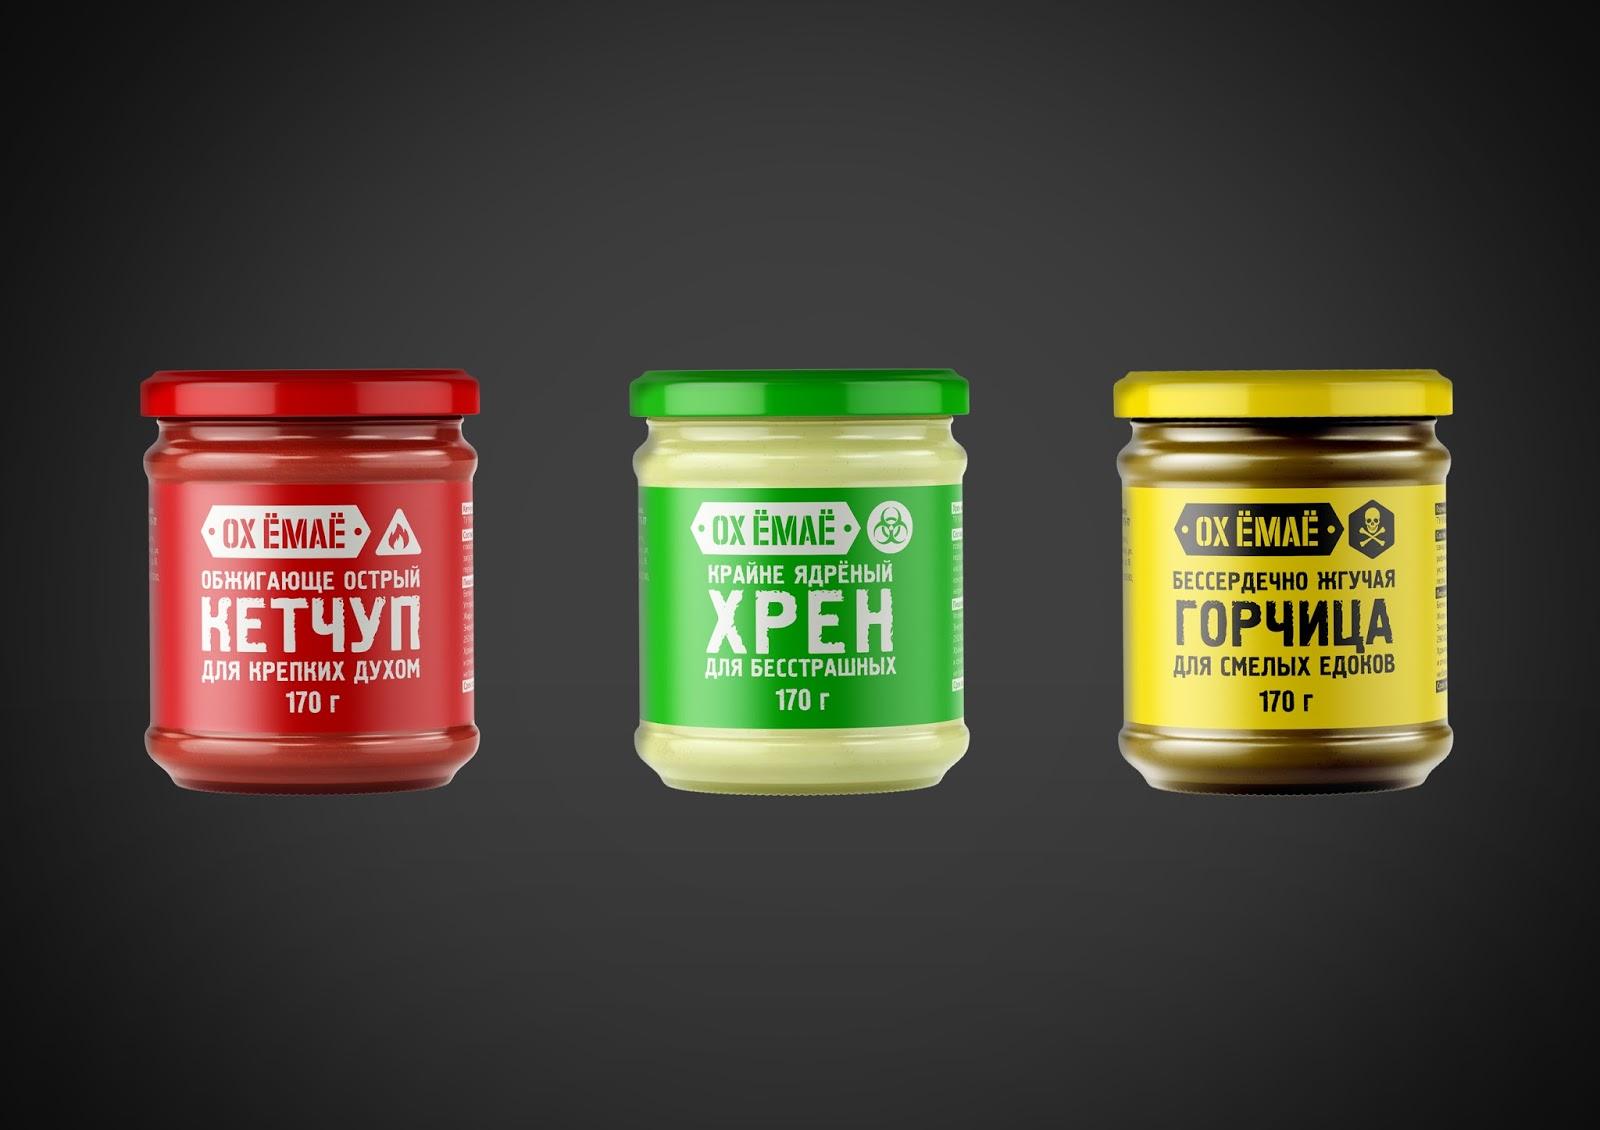 Terekhin-sauces-8.jpg